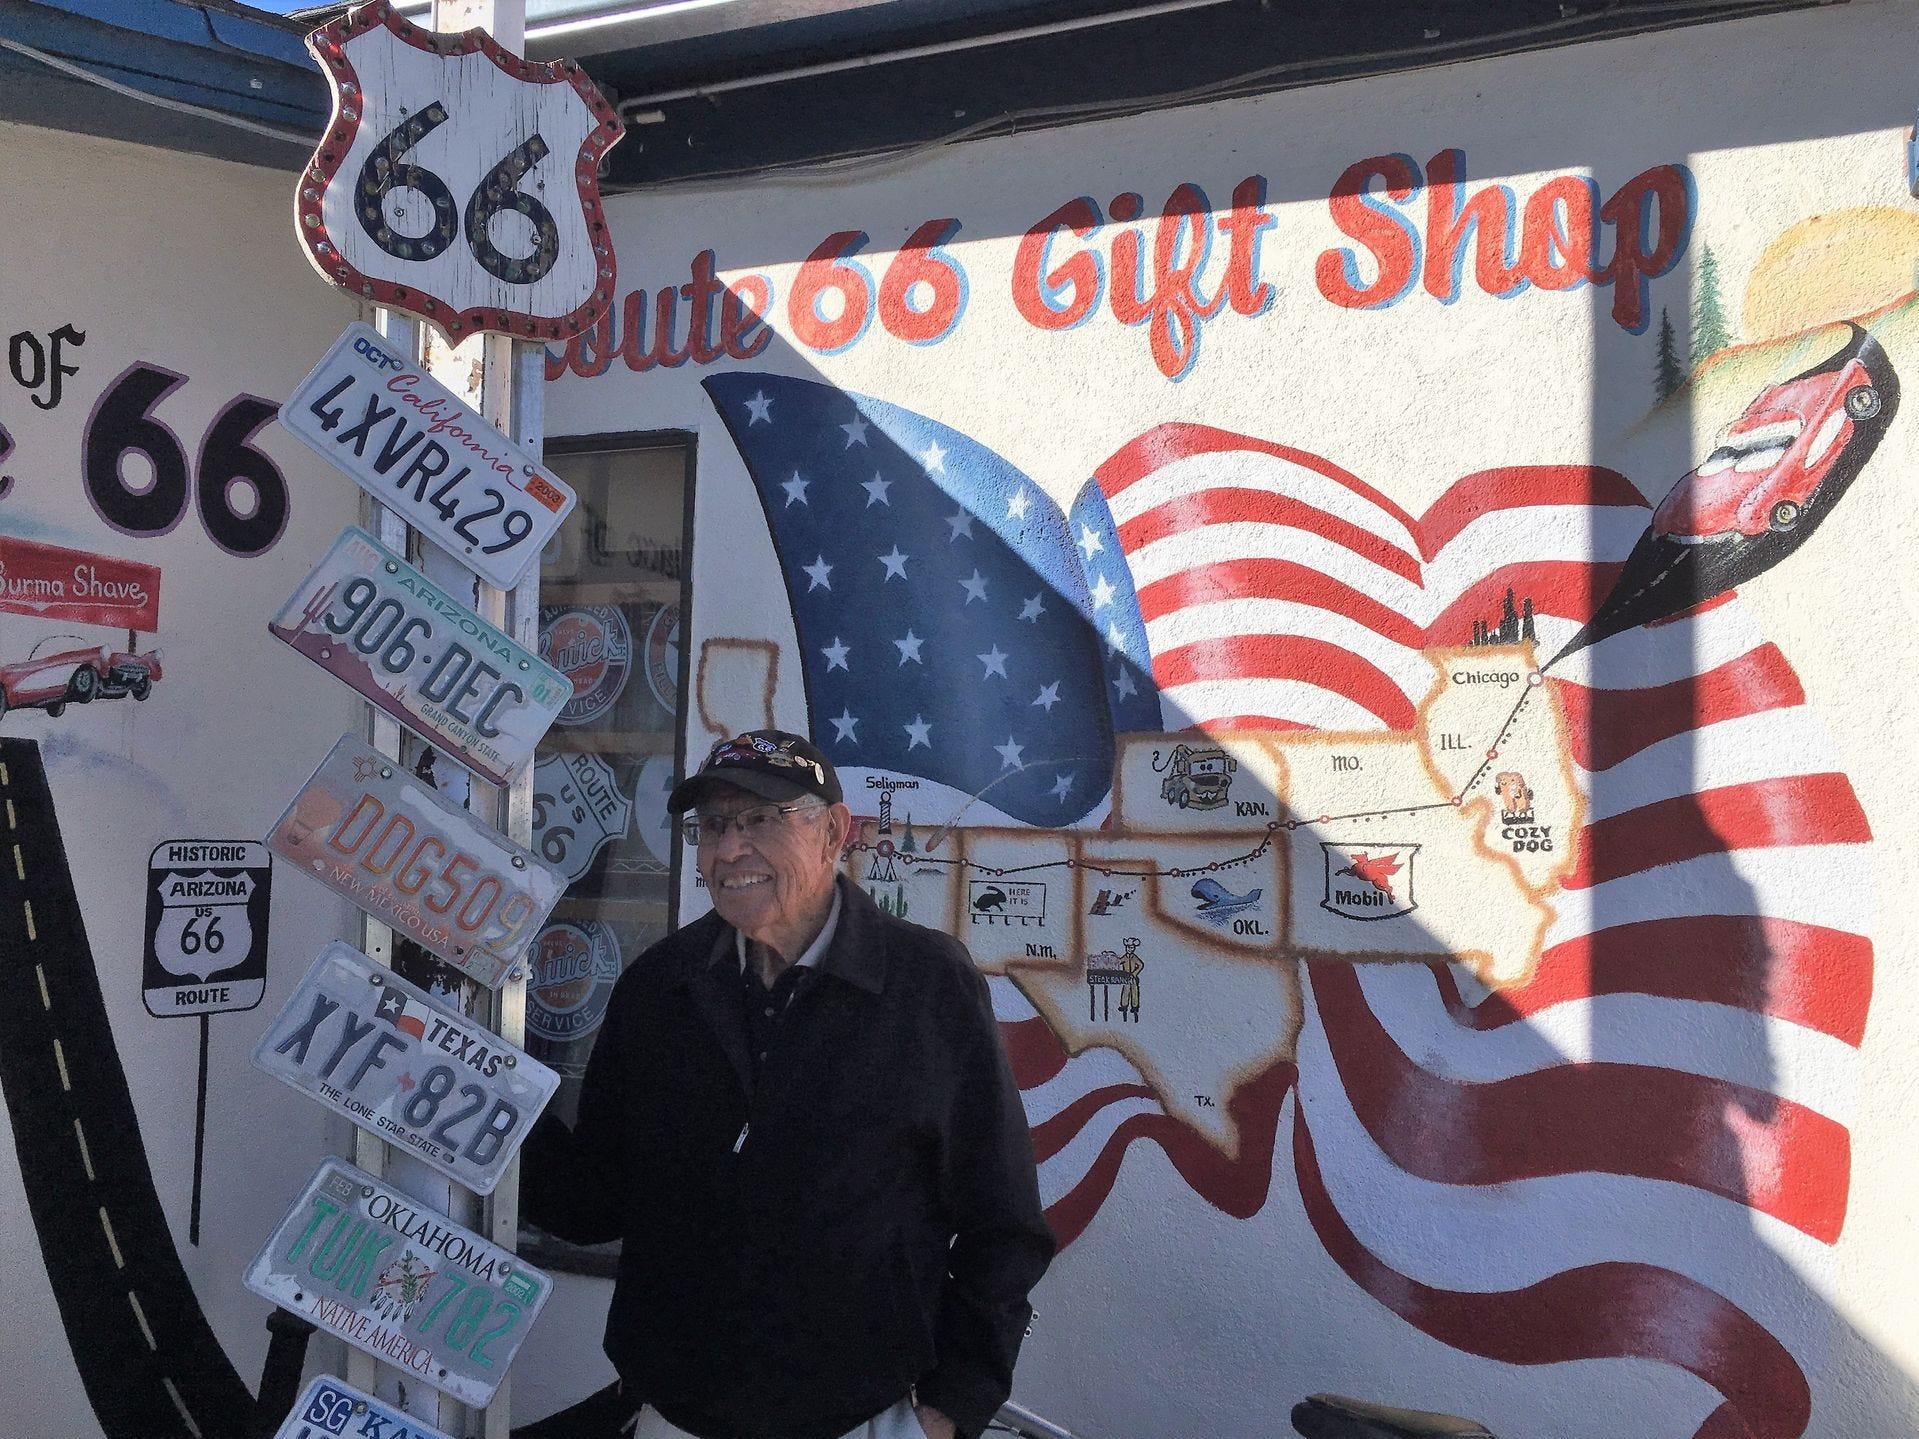 La tienda de regalos Route 66 de Angel Delgadillo es una parada popular en Mother Road, particularmente para los turistas europeos que han leído todo sobre el Ángel Guardián de Route 66.